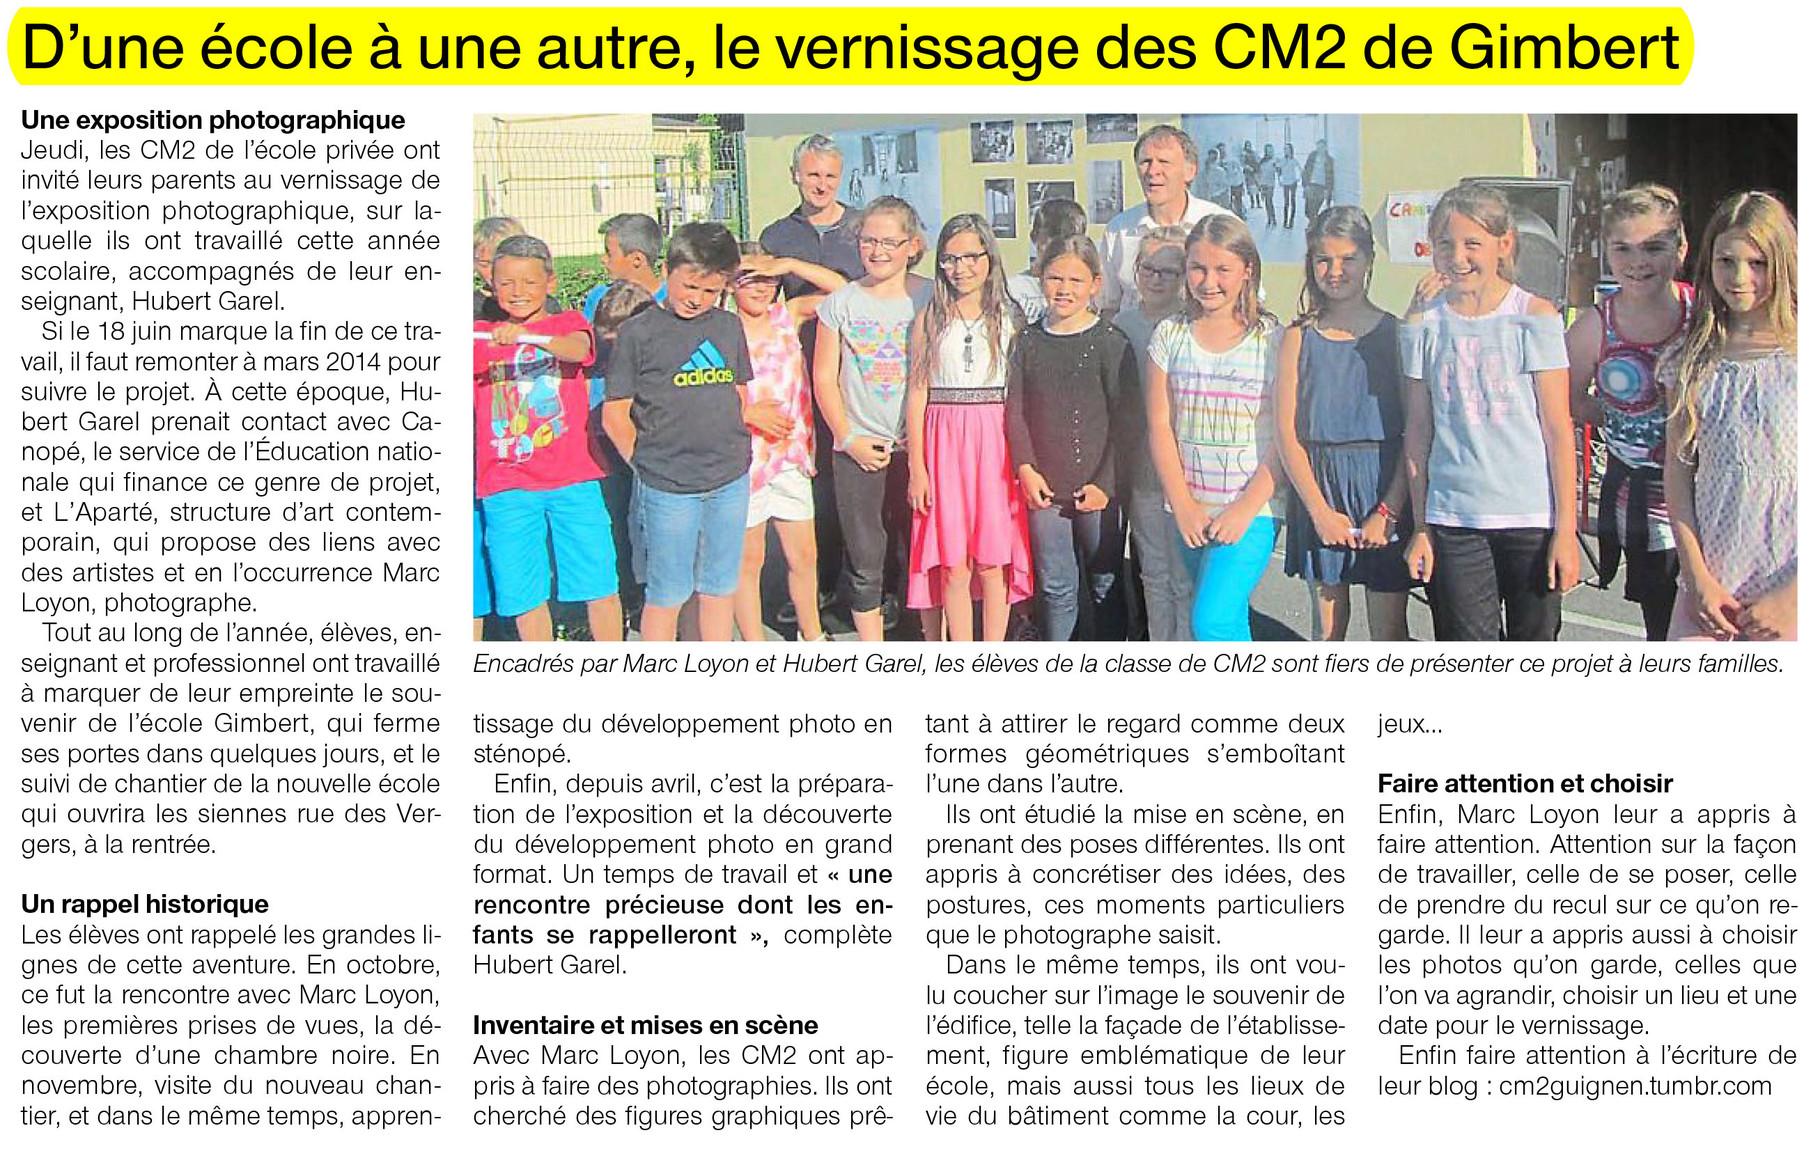 Ouest-France - 22 juin 2015